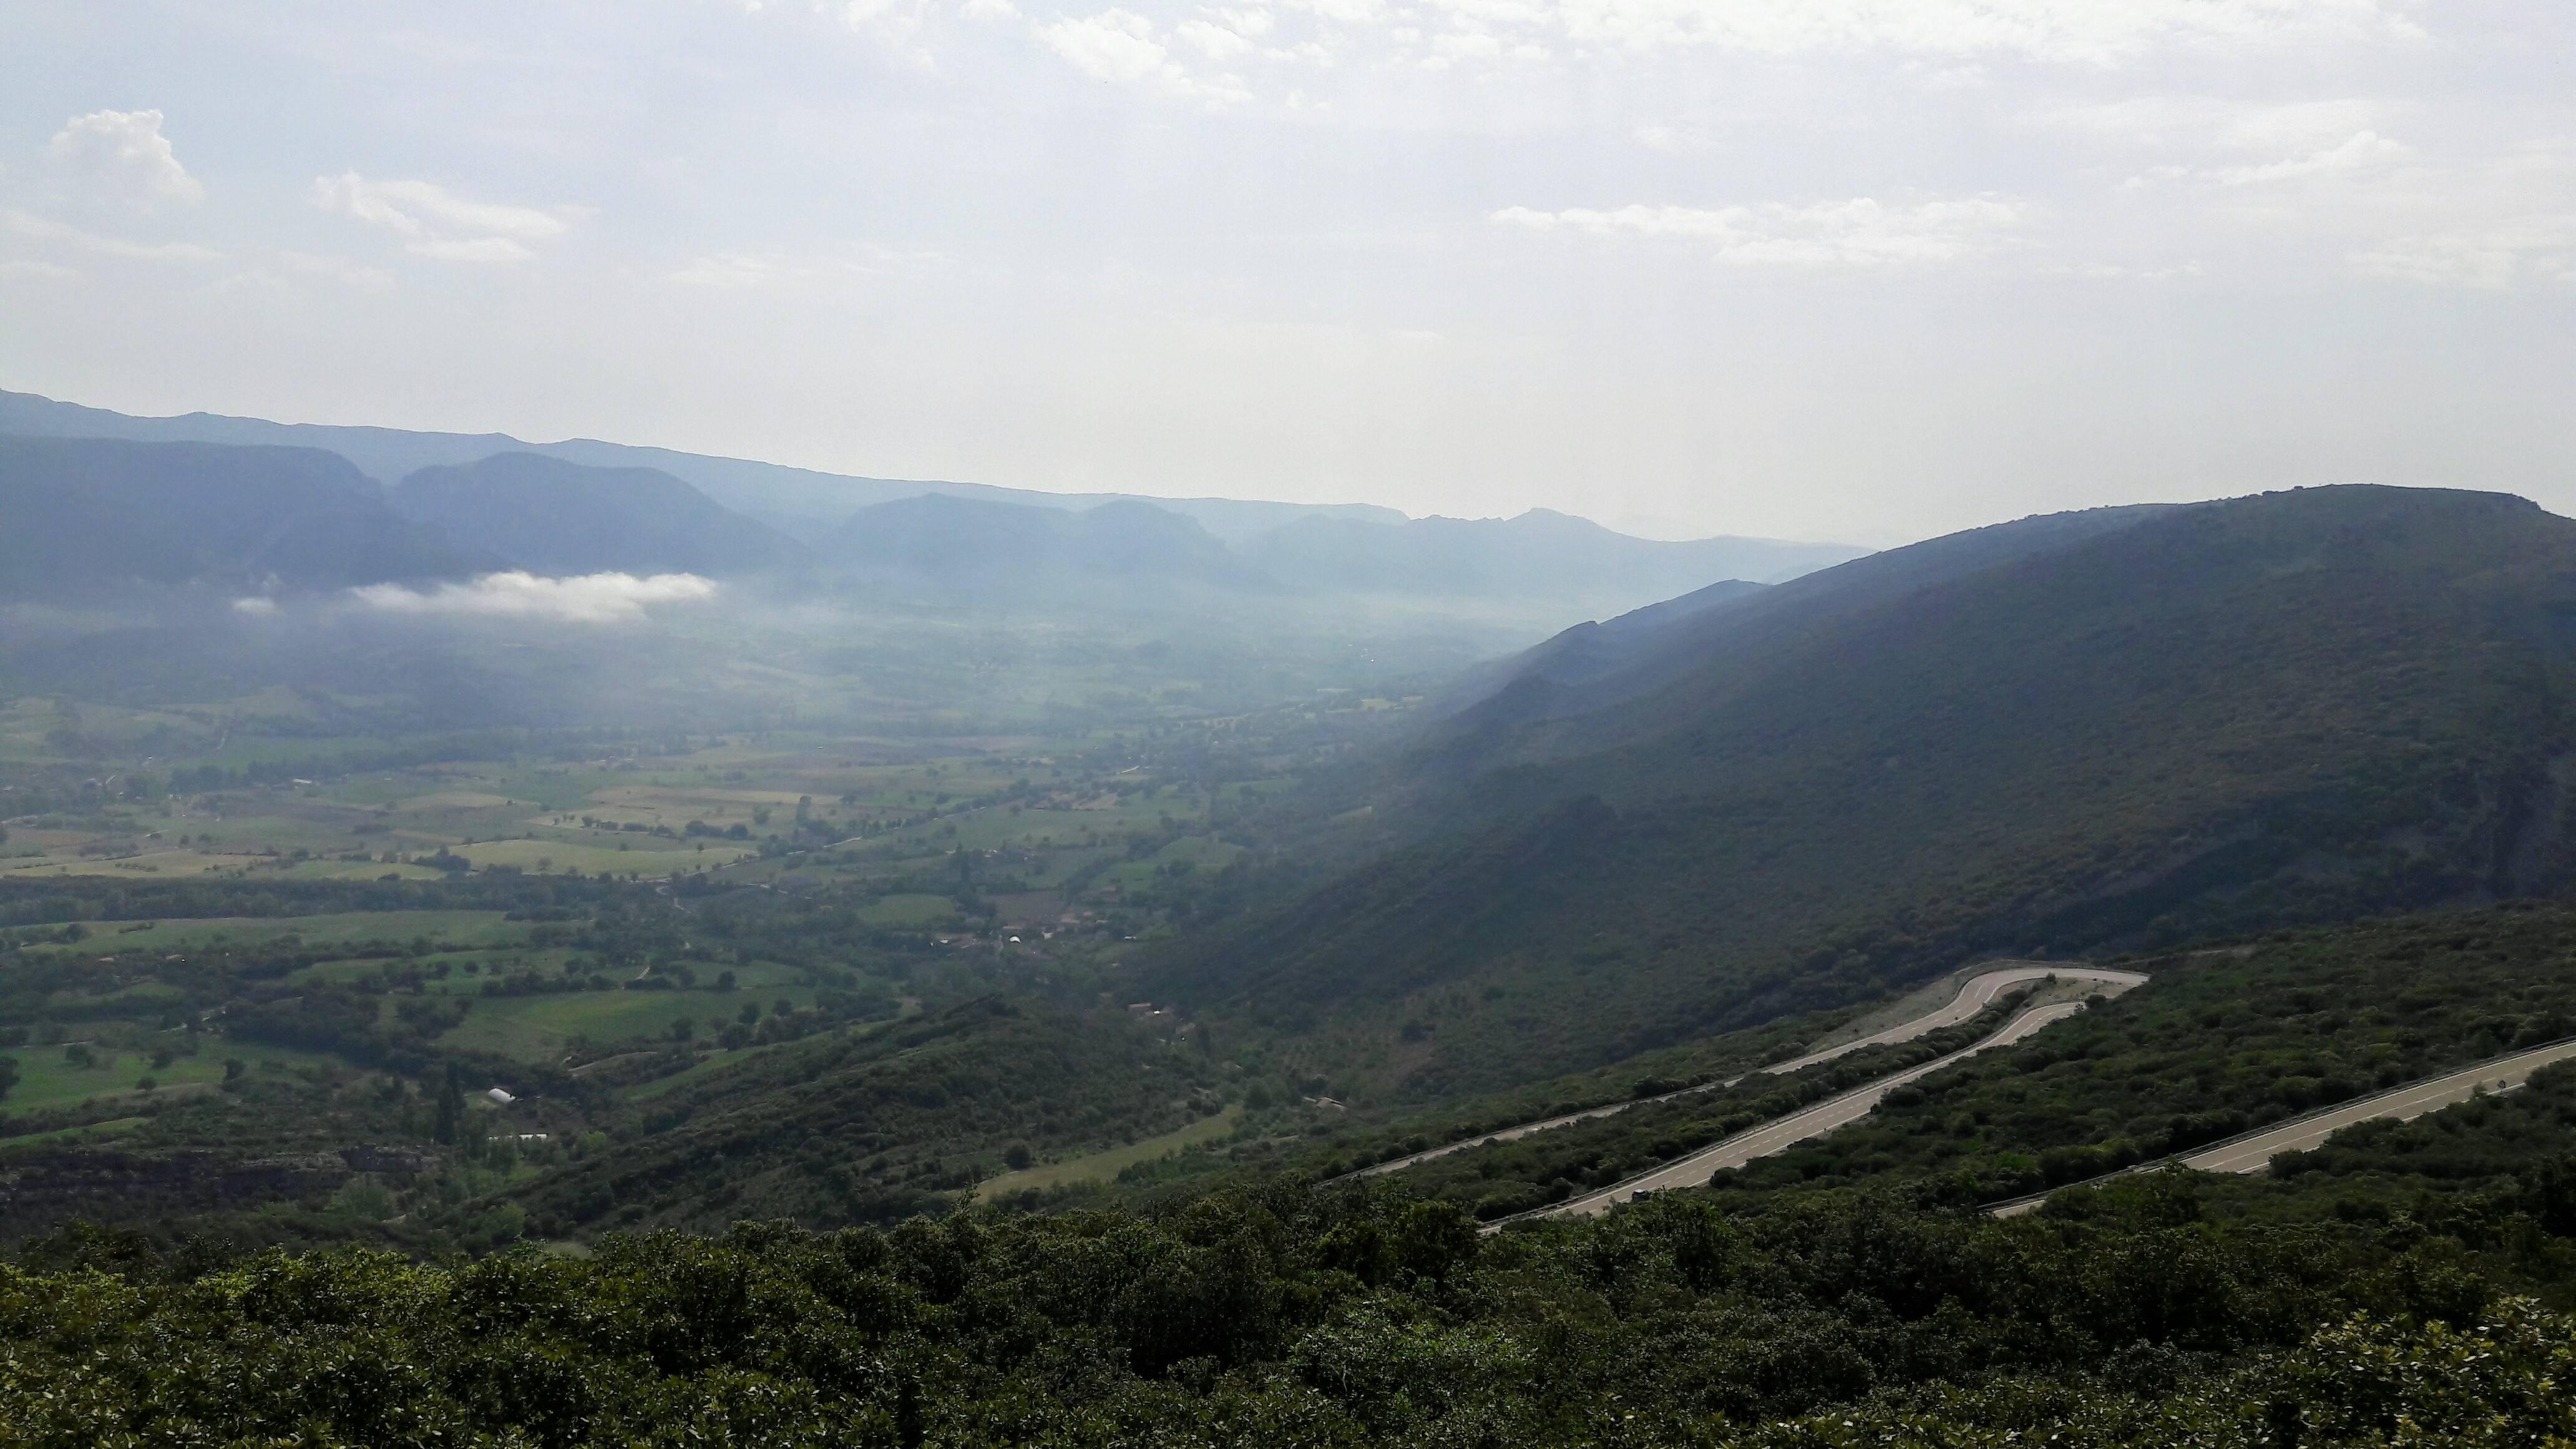 Een spookachtige blik op de vallei (Foto: Panoramio)